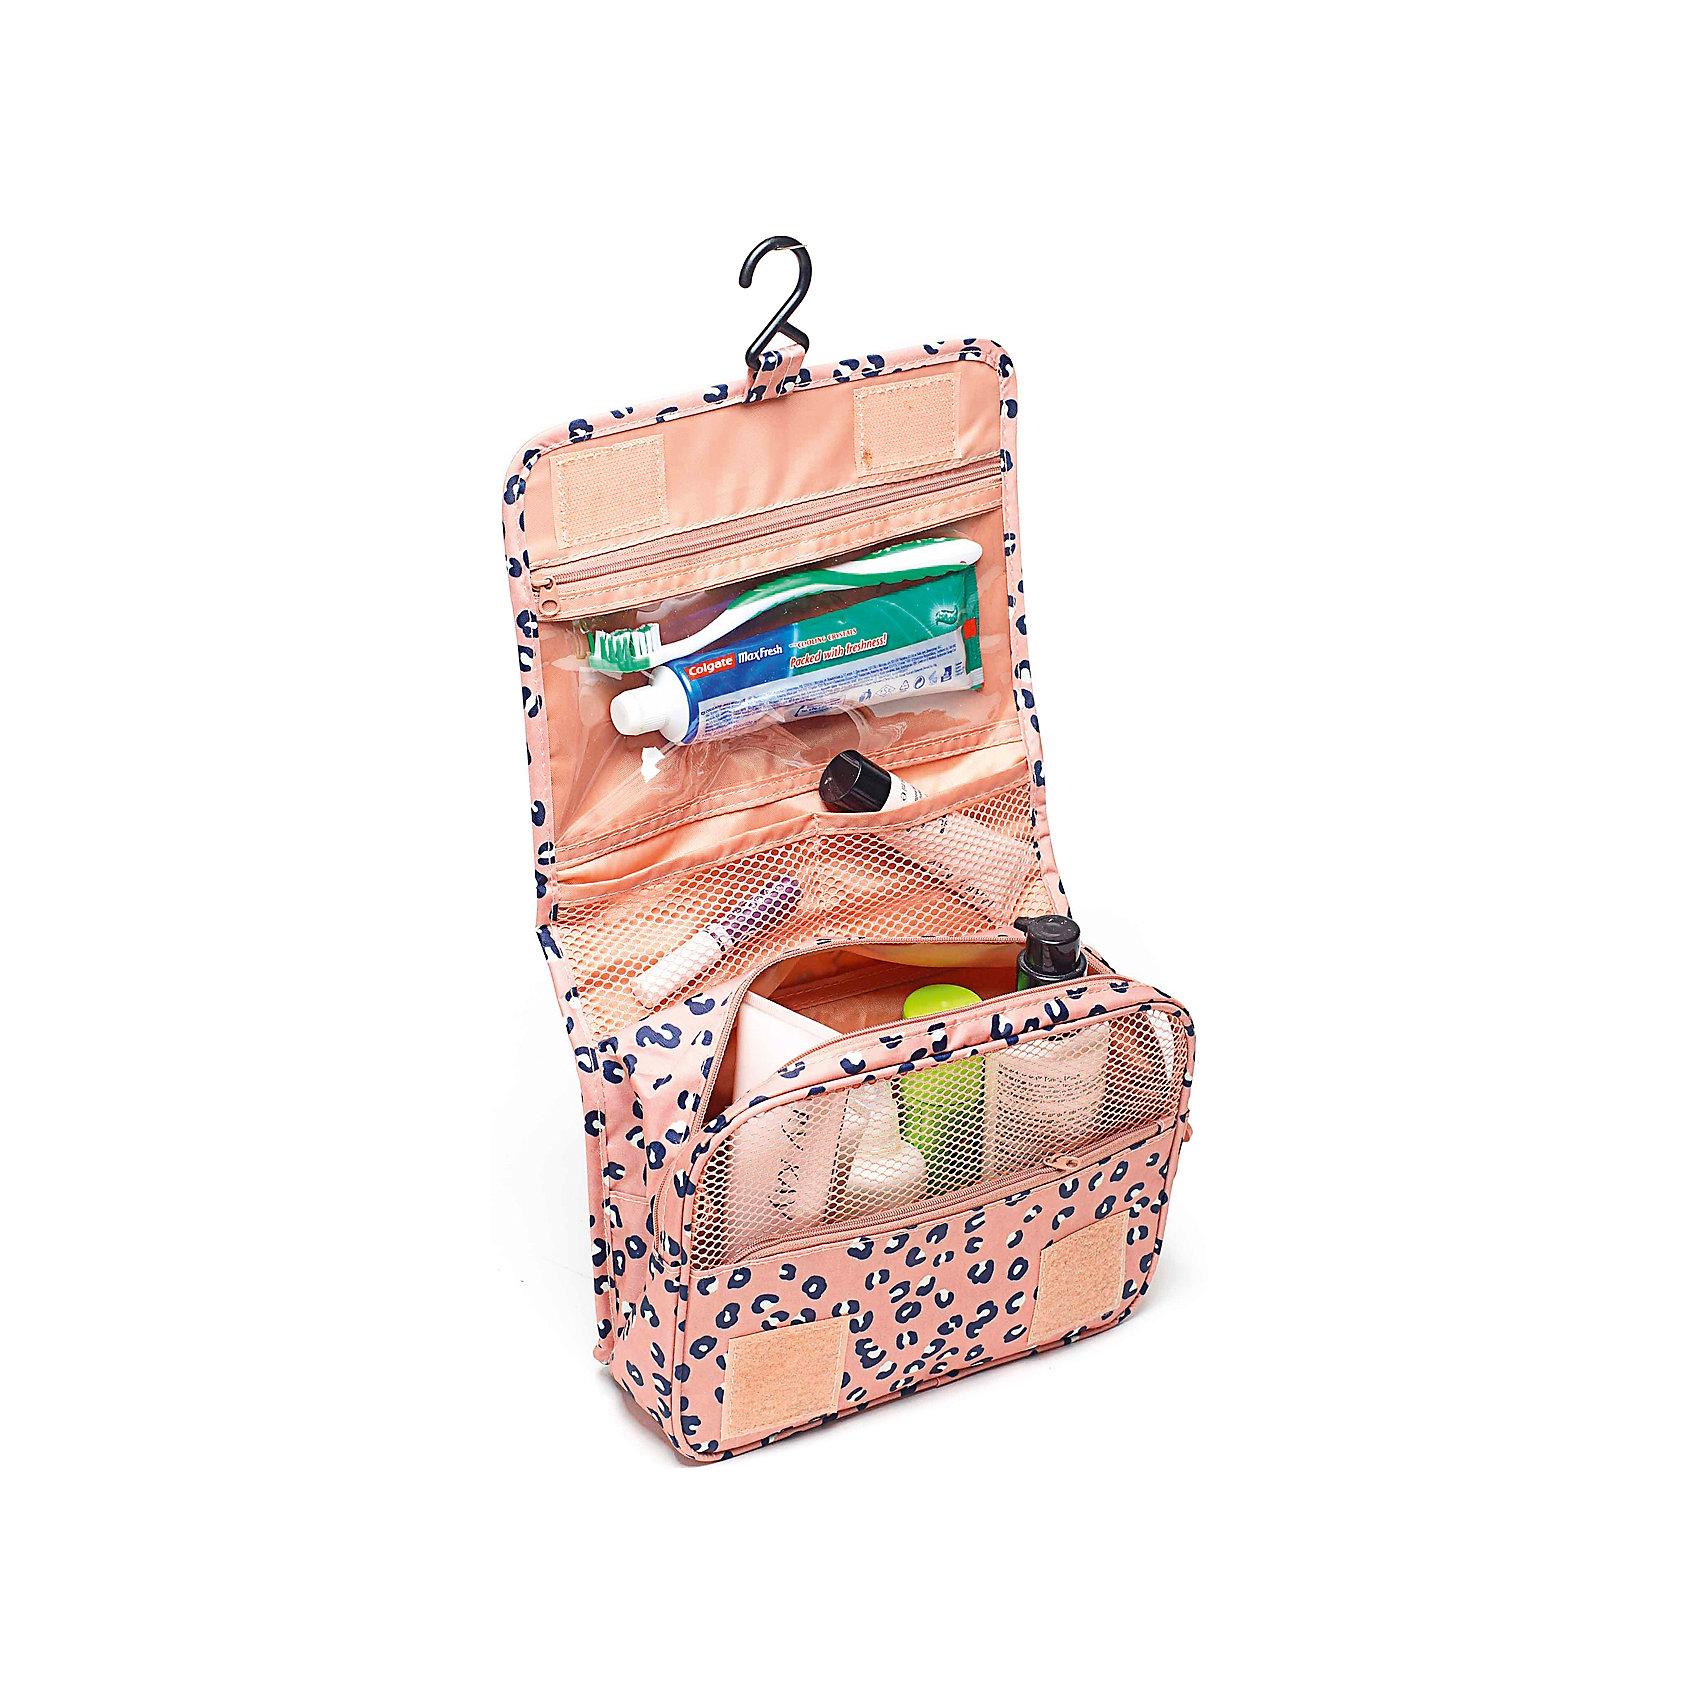 Органайзер в ванную подвесной, Homsu, персиковыйВанная комната<br>Органайзер подвесной – это универсальное место для хранения вещей, с ним все нужное у вас будет под рукой. В таком органайзере, который обладает множеством кармашков и отделов, а также крючком для подвешивания, можно хранить различные предметы: белье, ванные принадлежности, аксессуары и прочие вещи. При необходимости органайзер можно сложить, закрыв сверху крышкой на двух липучках.<br><br>Ширина мм: 240<br>Глубина мм: 95<br>Высота мм: 185<br>Вес г: 200<br>Возраст от месяцев: 216<br>Возраст до месяцев: 1188<br>Пол: Унисекс<br>Возраст: Детский<br>SKU: 5620278